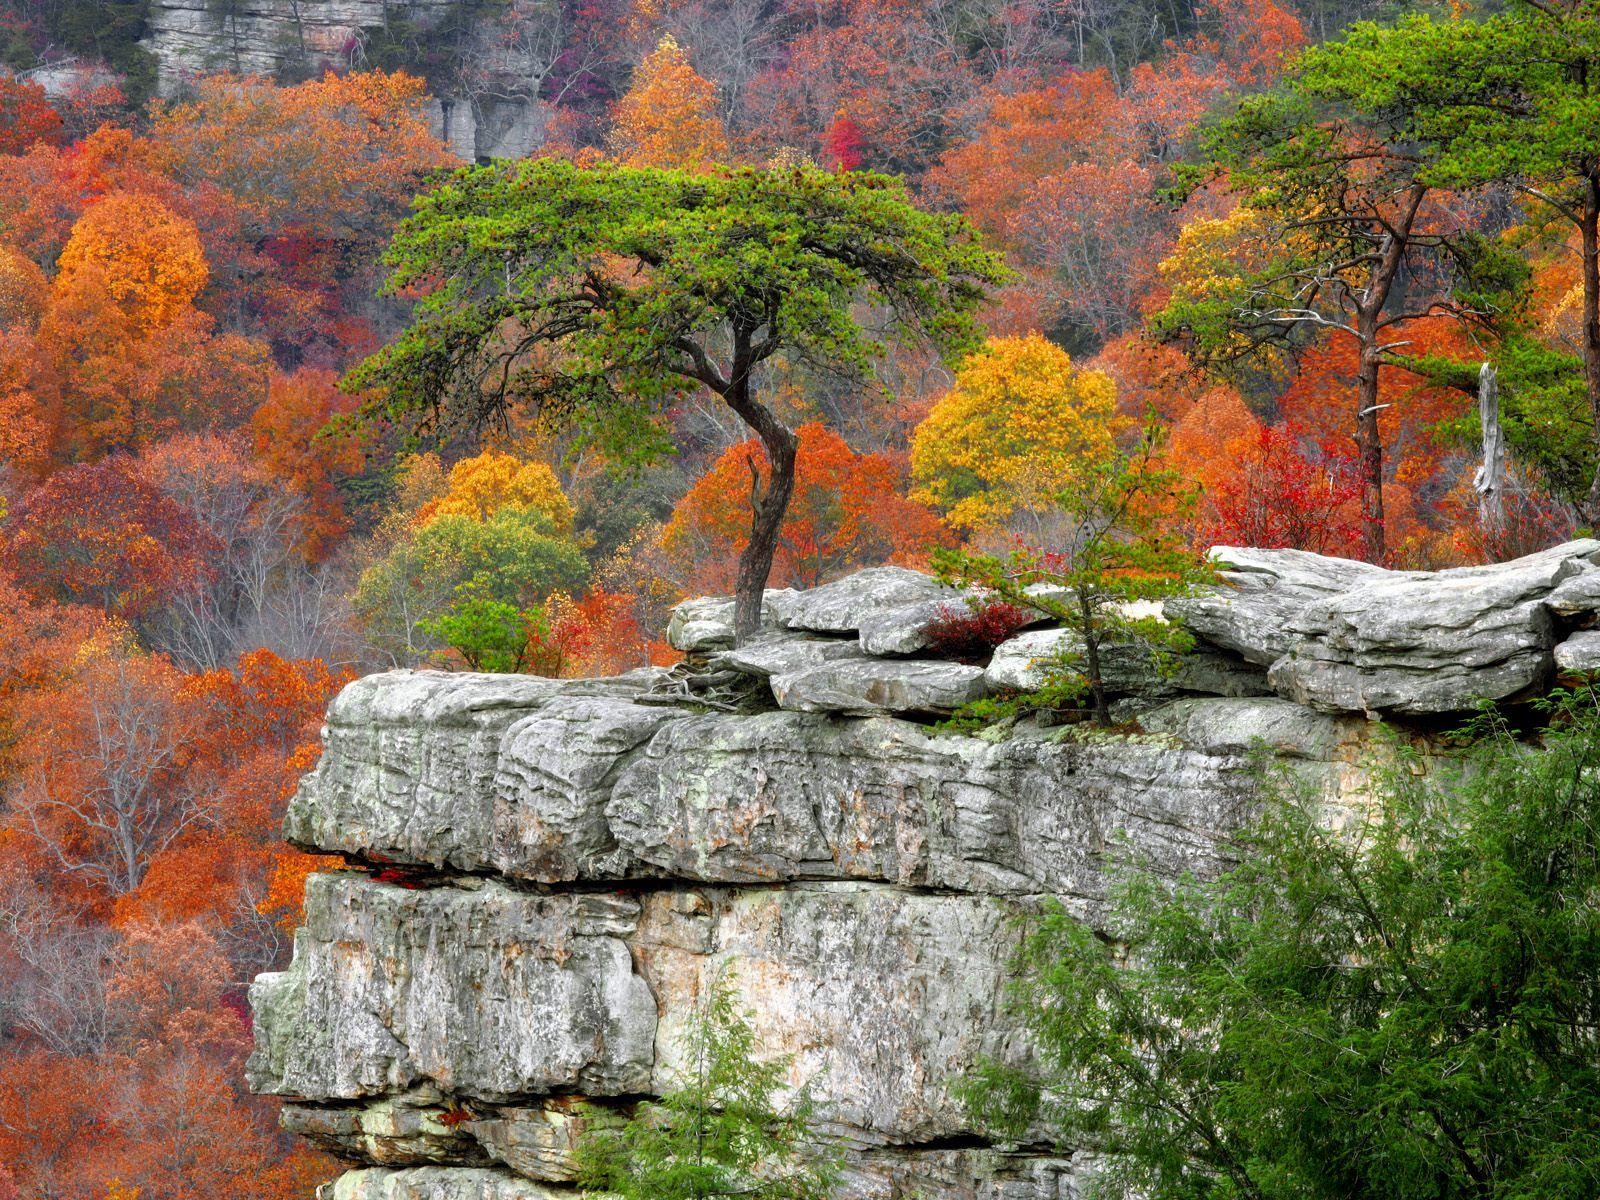 Fonds d'écran paysage d'automne